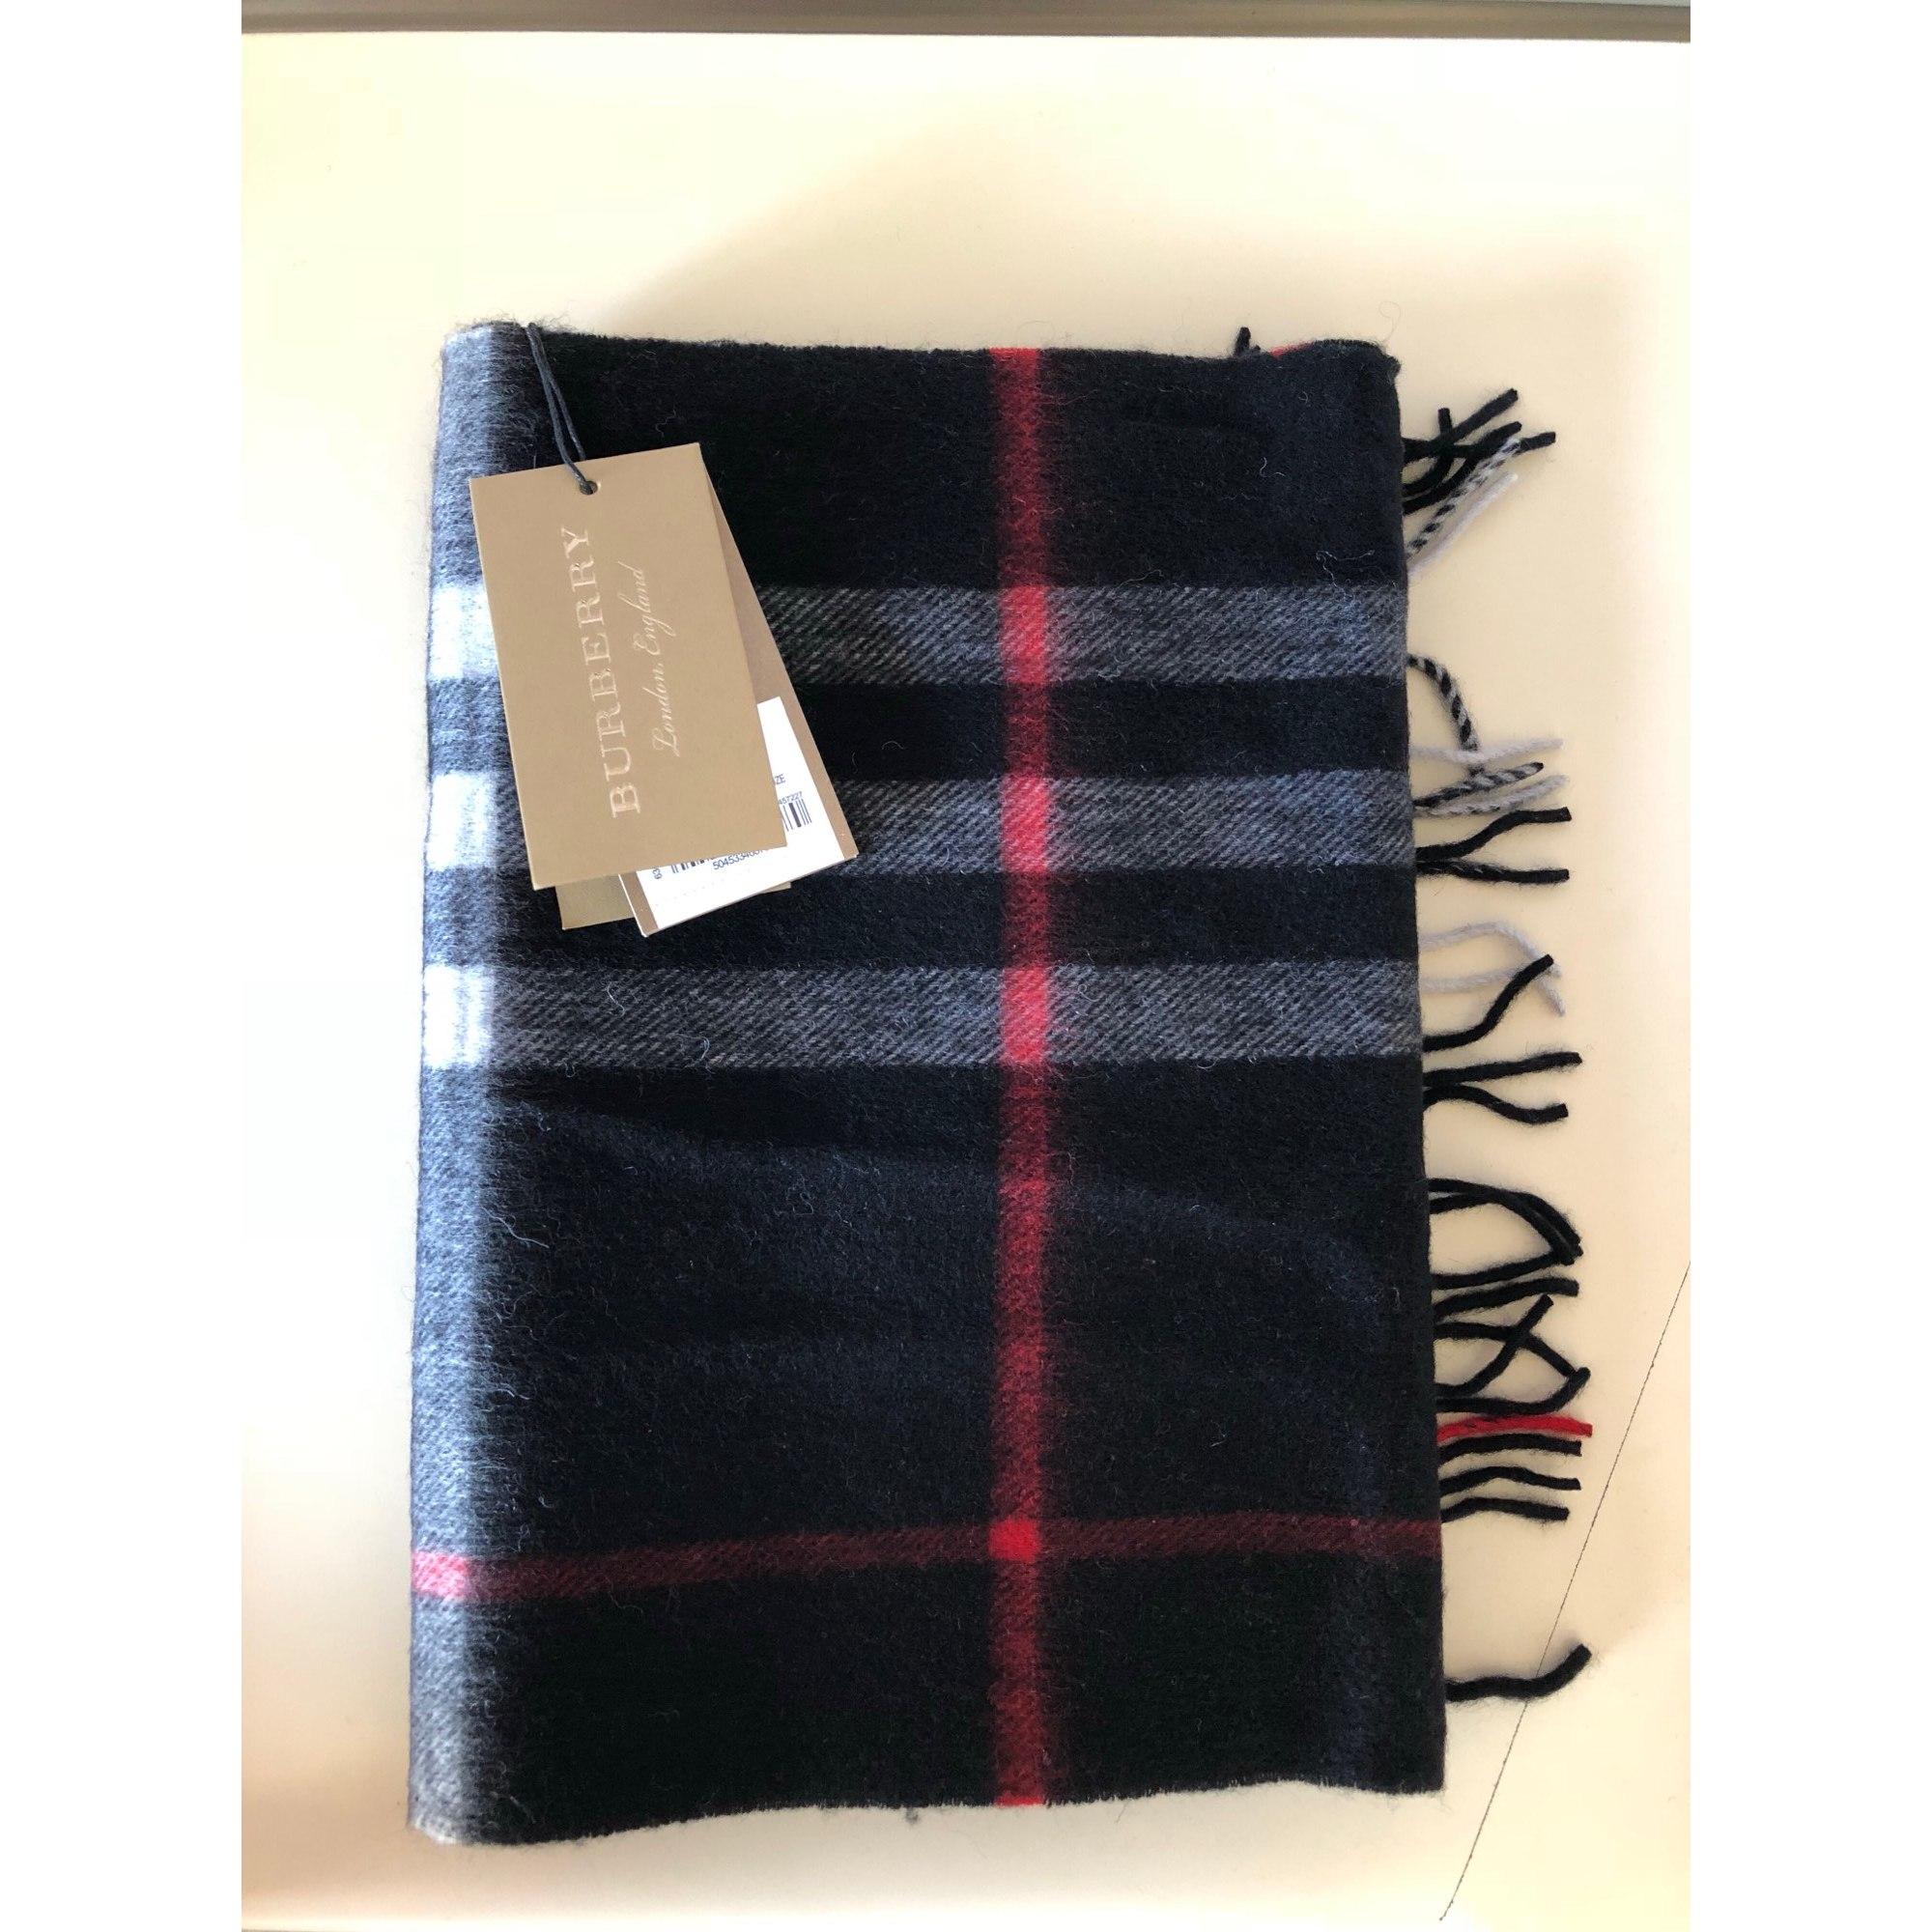 88048f7b2e57 Echarpe BURBERRY noir vendu par L accro du shopping49105 - 7565762